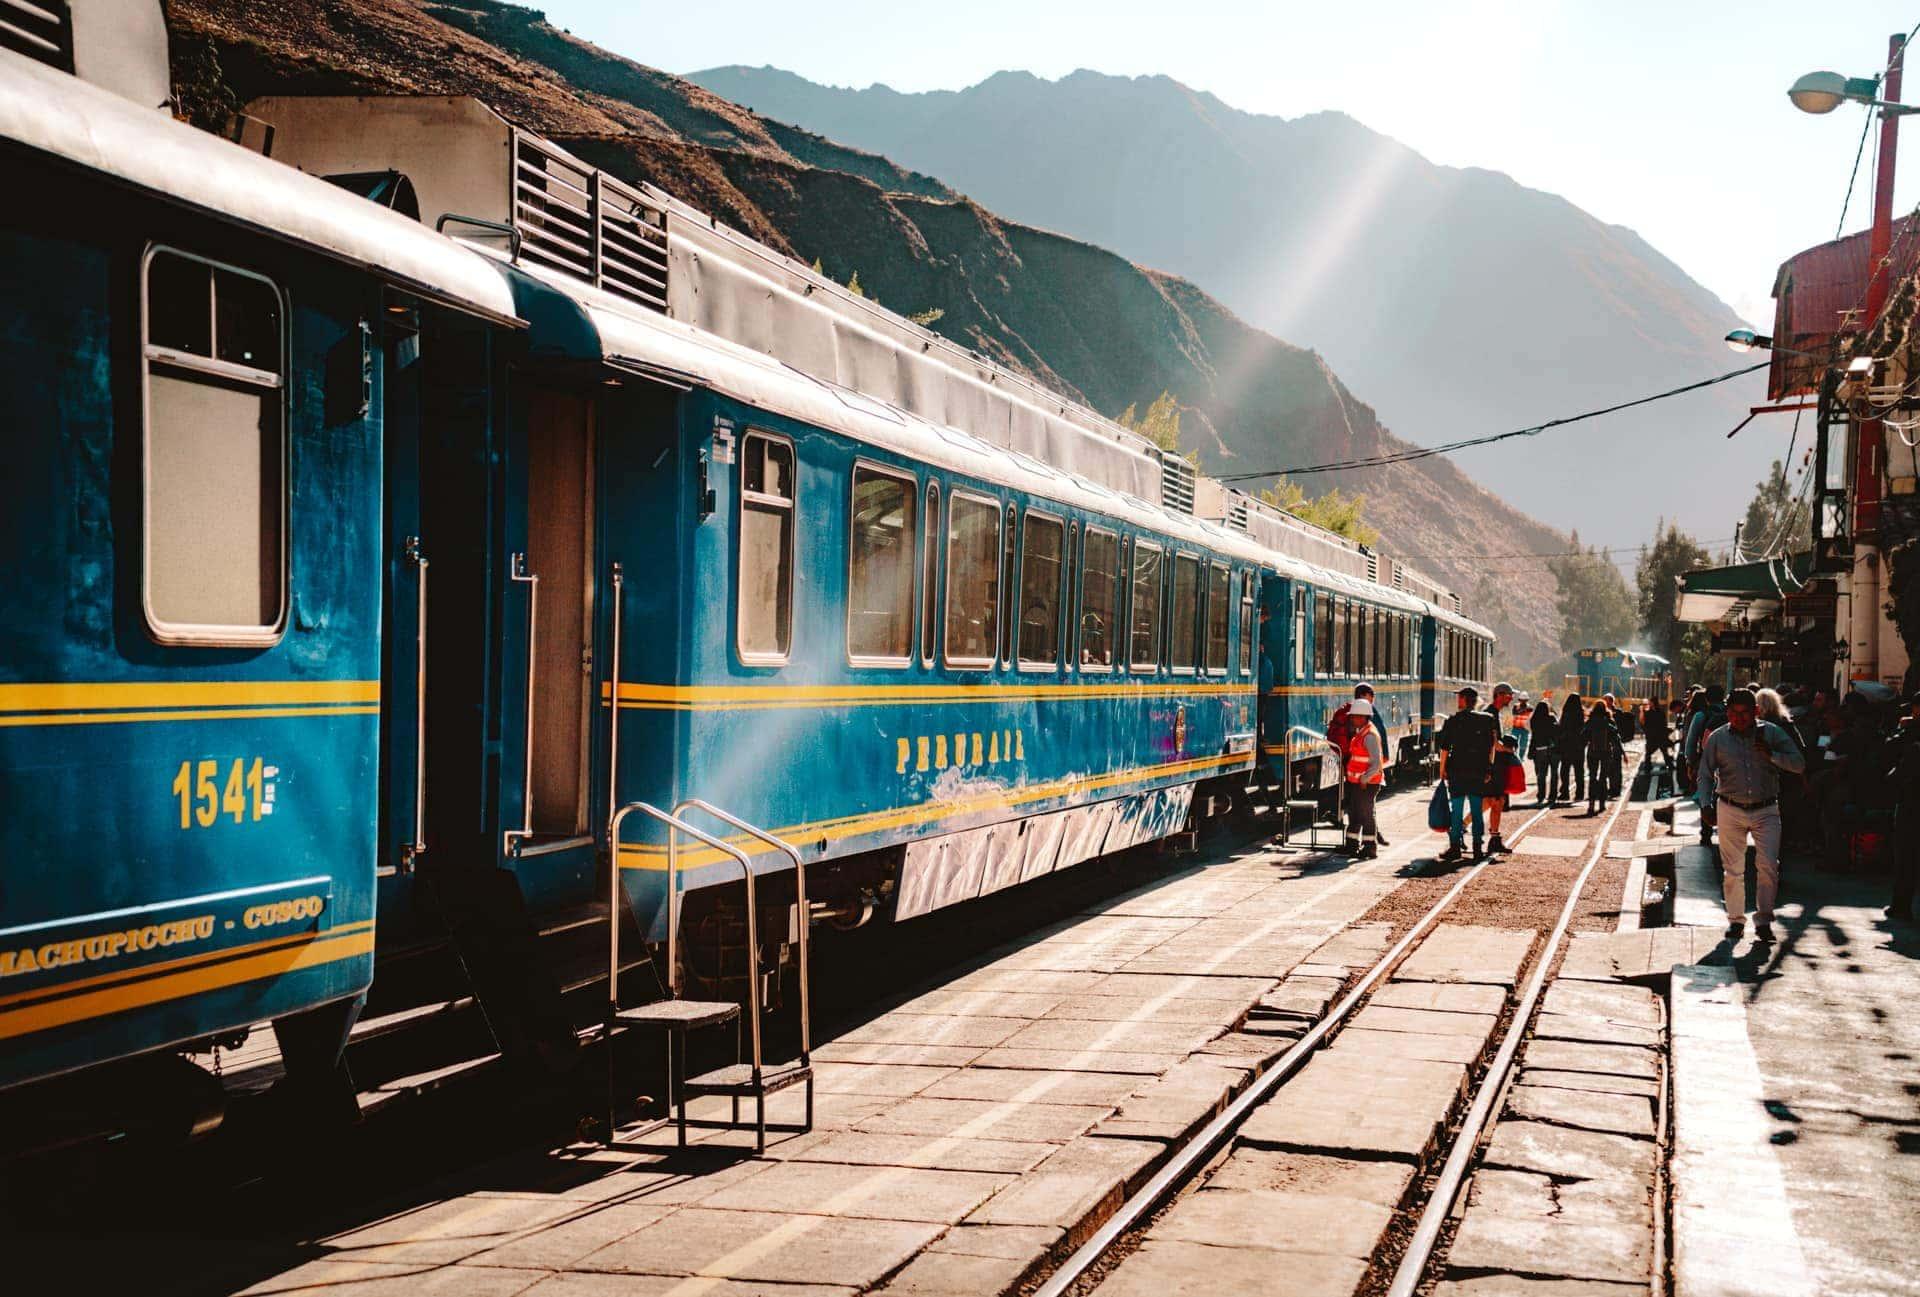 peru travel guide train machu picchu